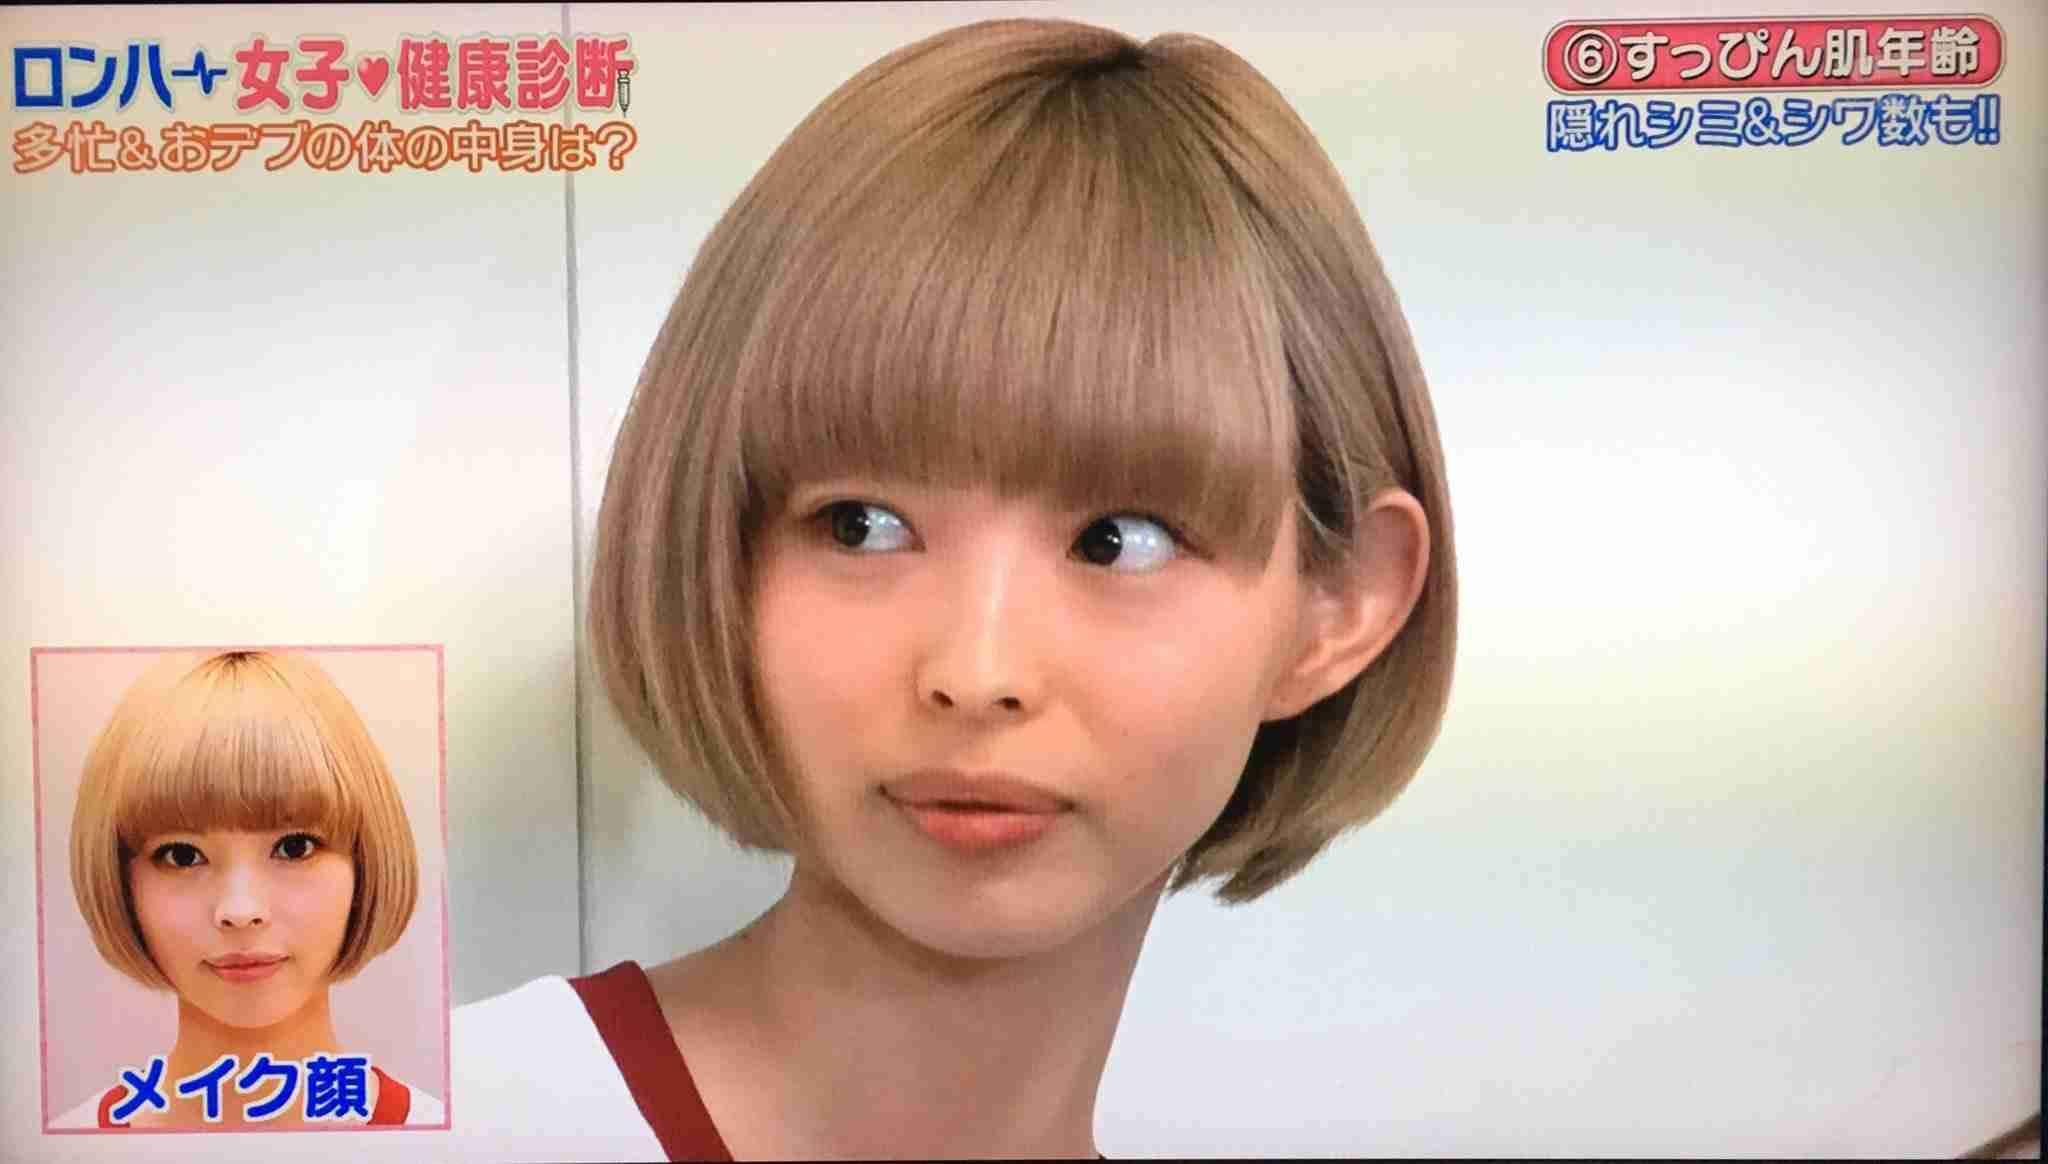 最上もが、前髪分けでイメージがらり「イケメンすぎる」と絶賛の声